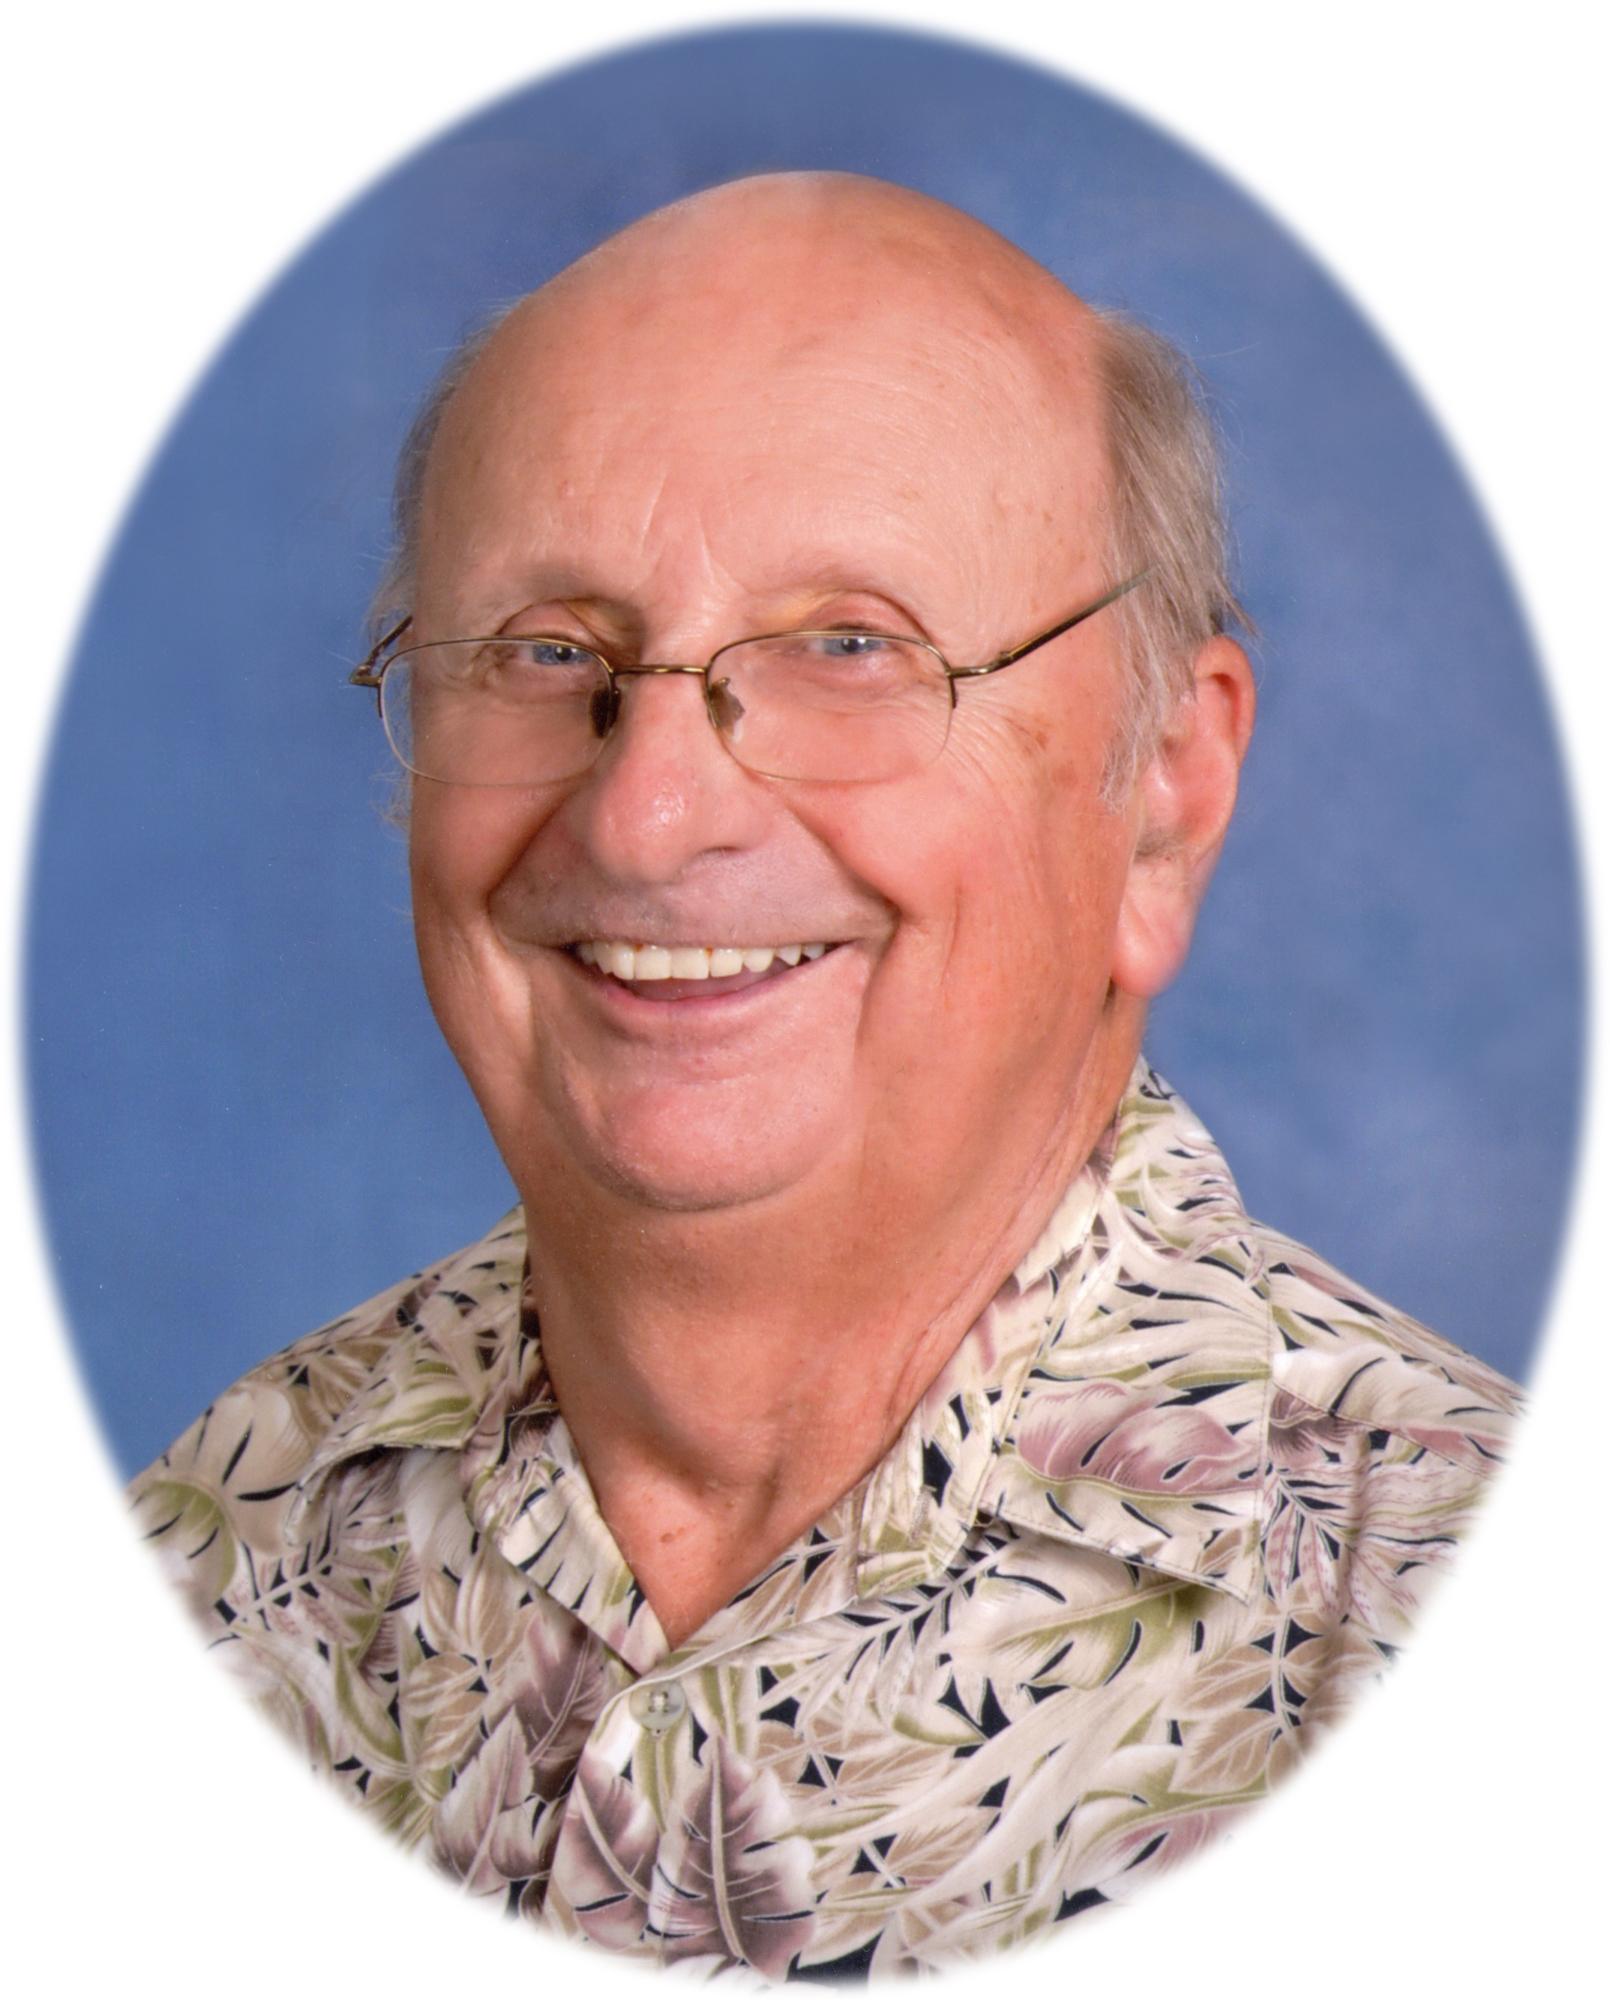 John A. Stefan